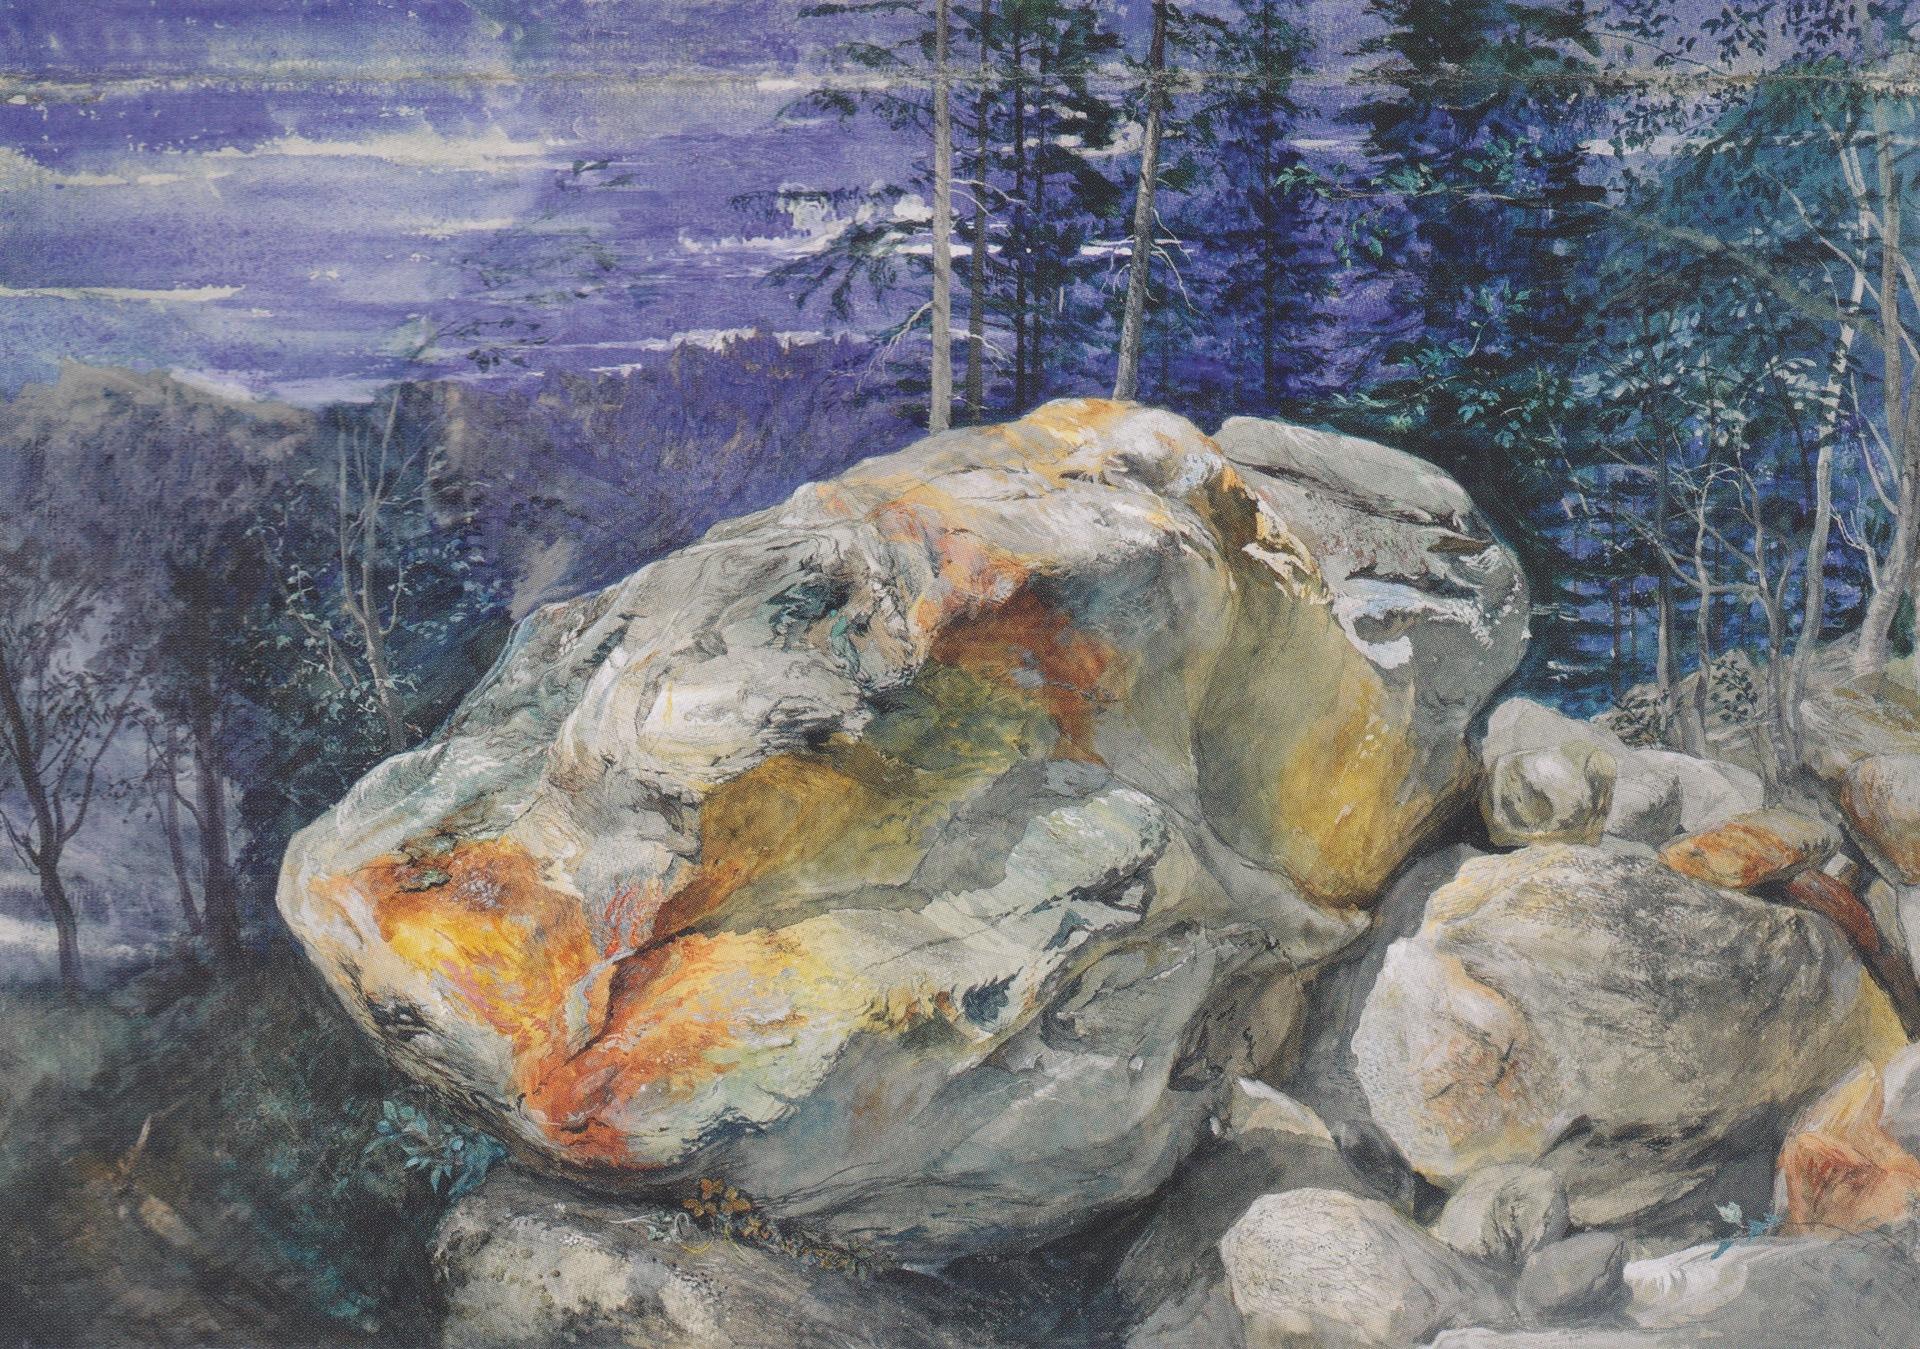 John_Ruskin_-_Fragments_of_the_Alps.jpeg